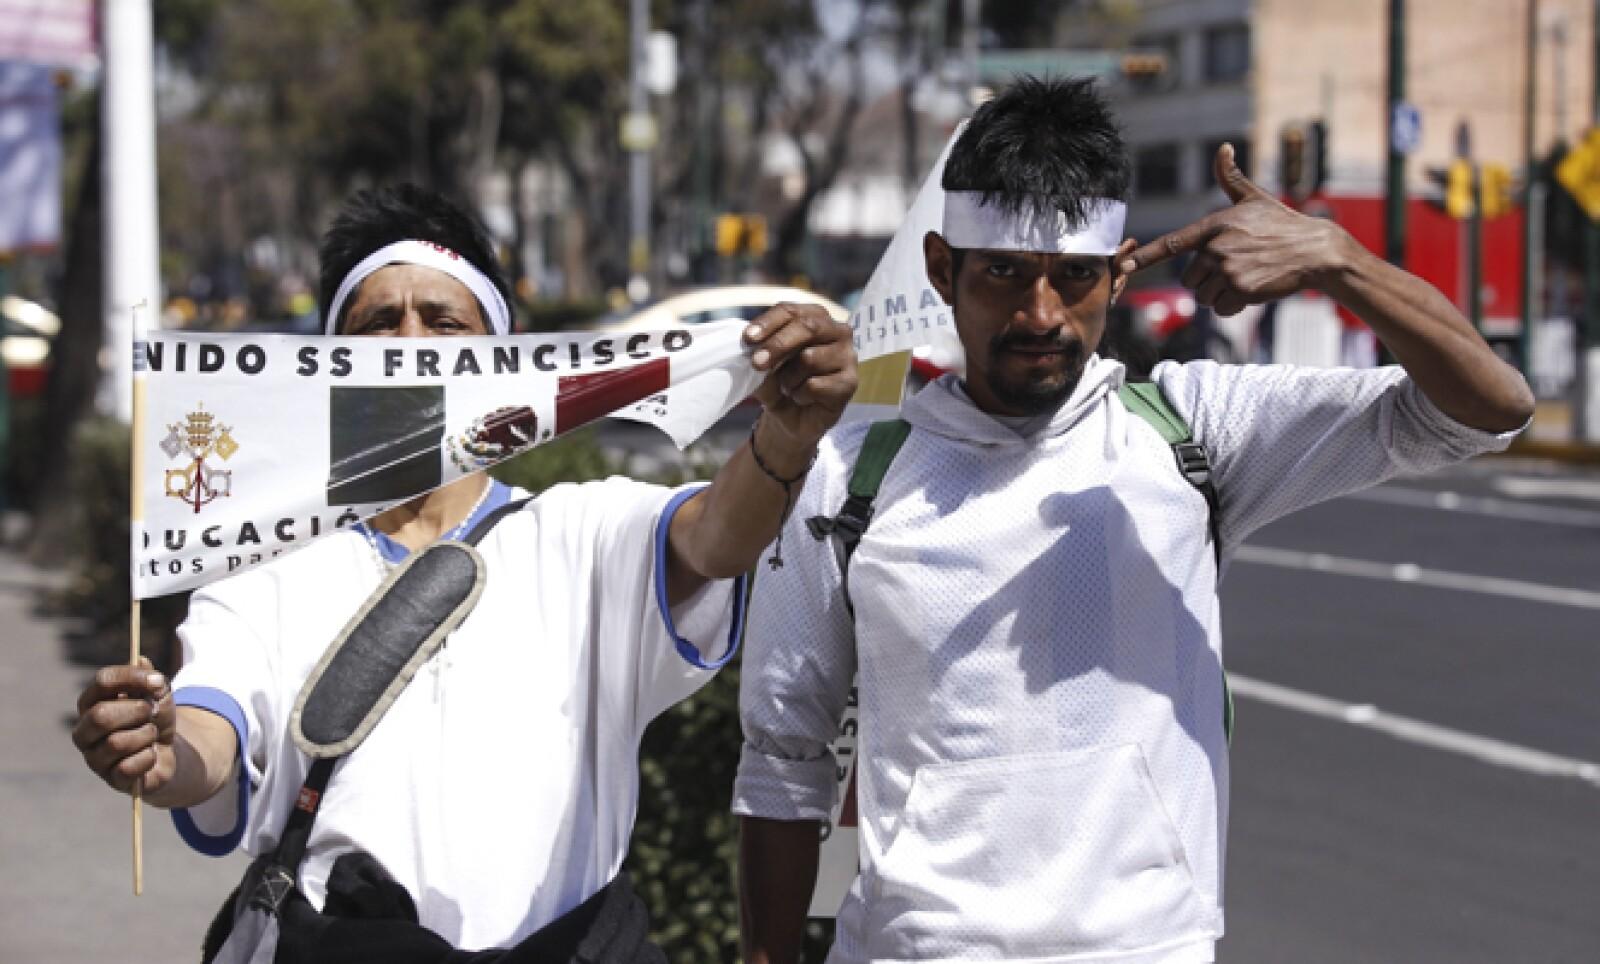 En las calles, los feligreses ondeaban banderines para recibir al primer papa latinoamericano.